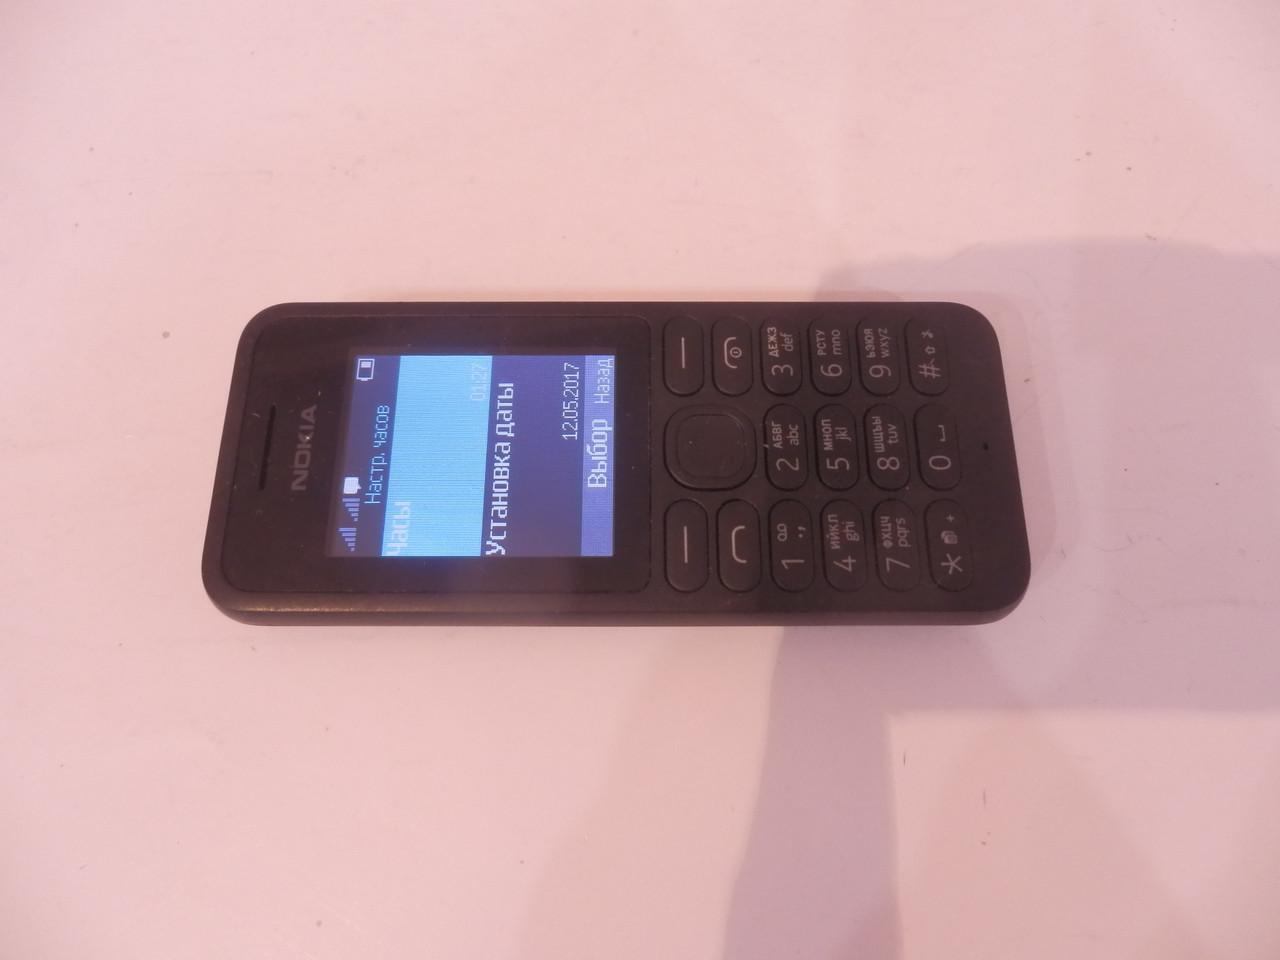 Мобильный телефон Nokia rm-1025 (nokia 130) №5353